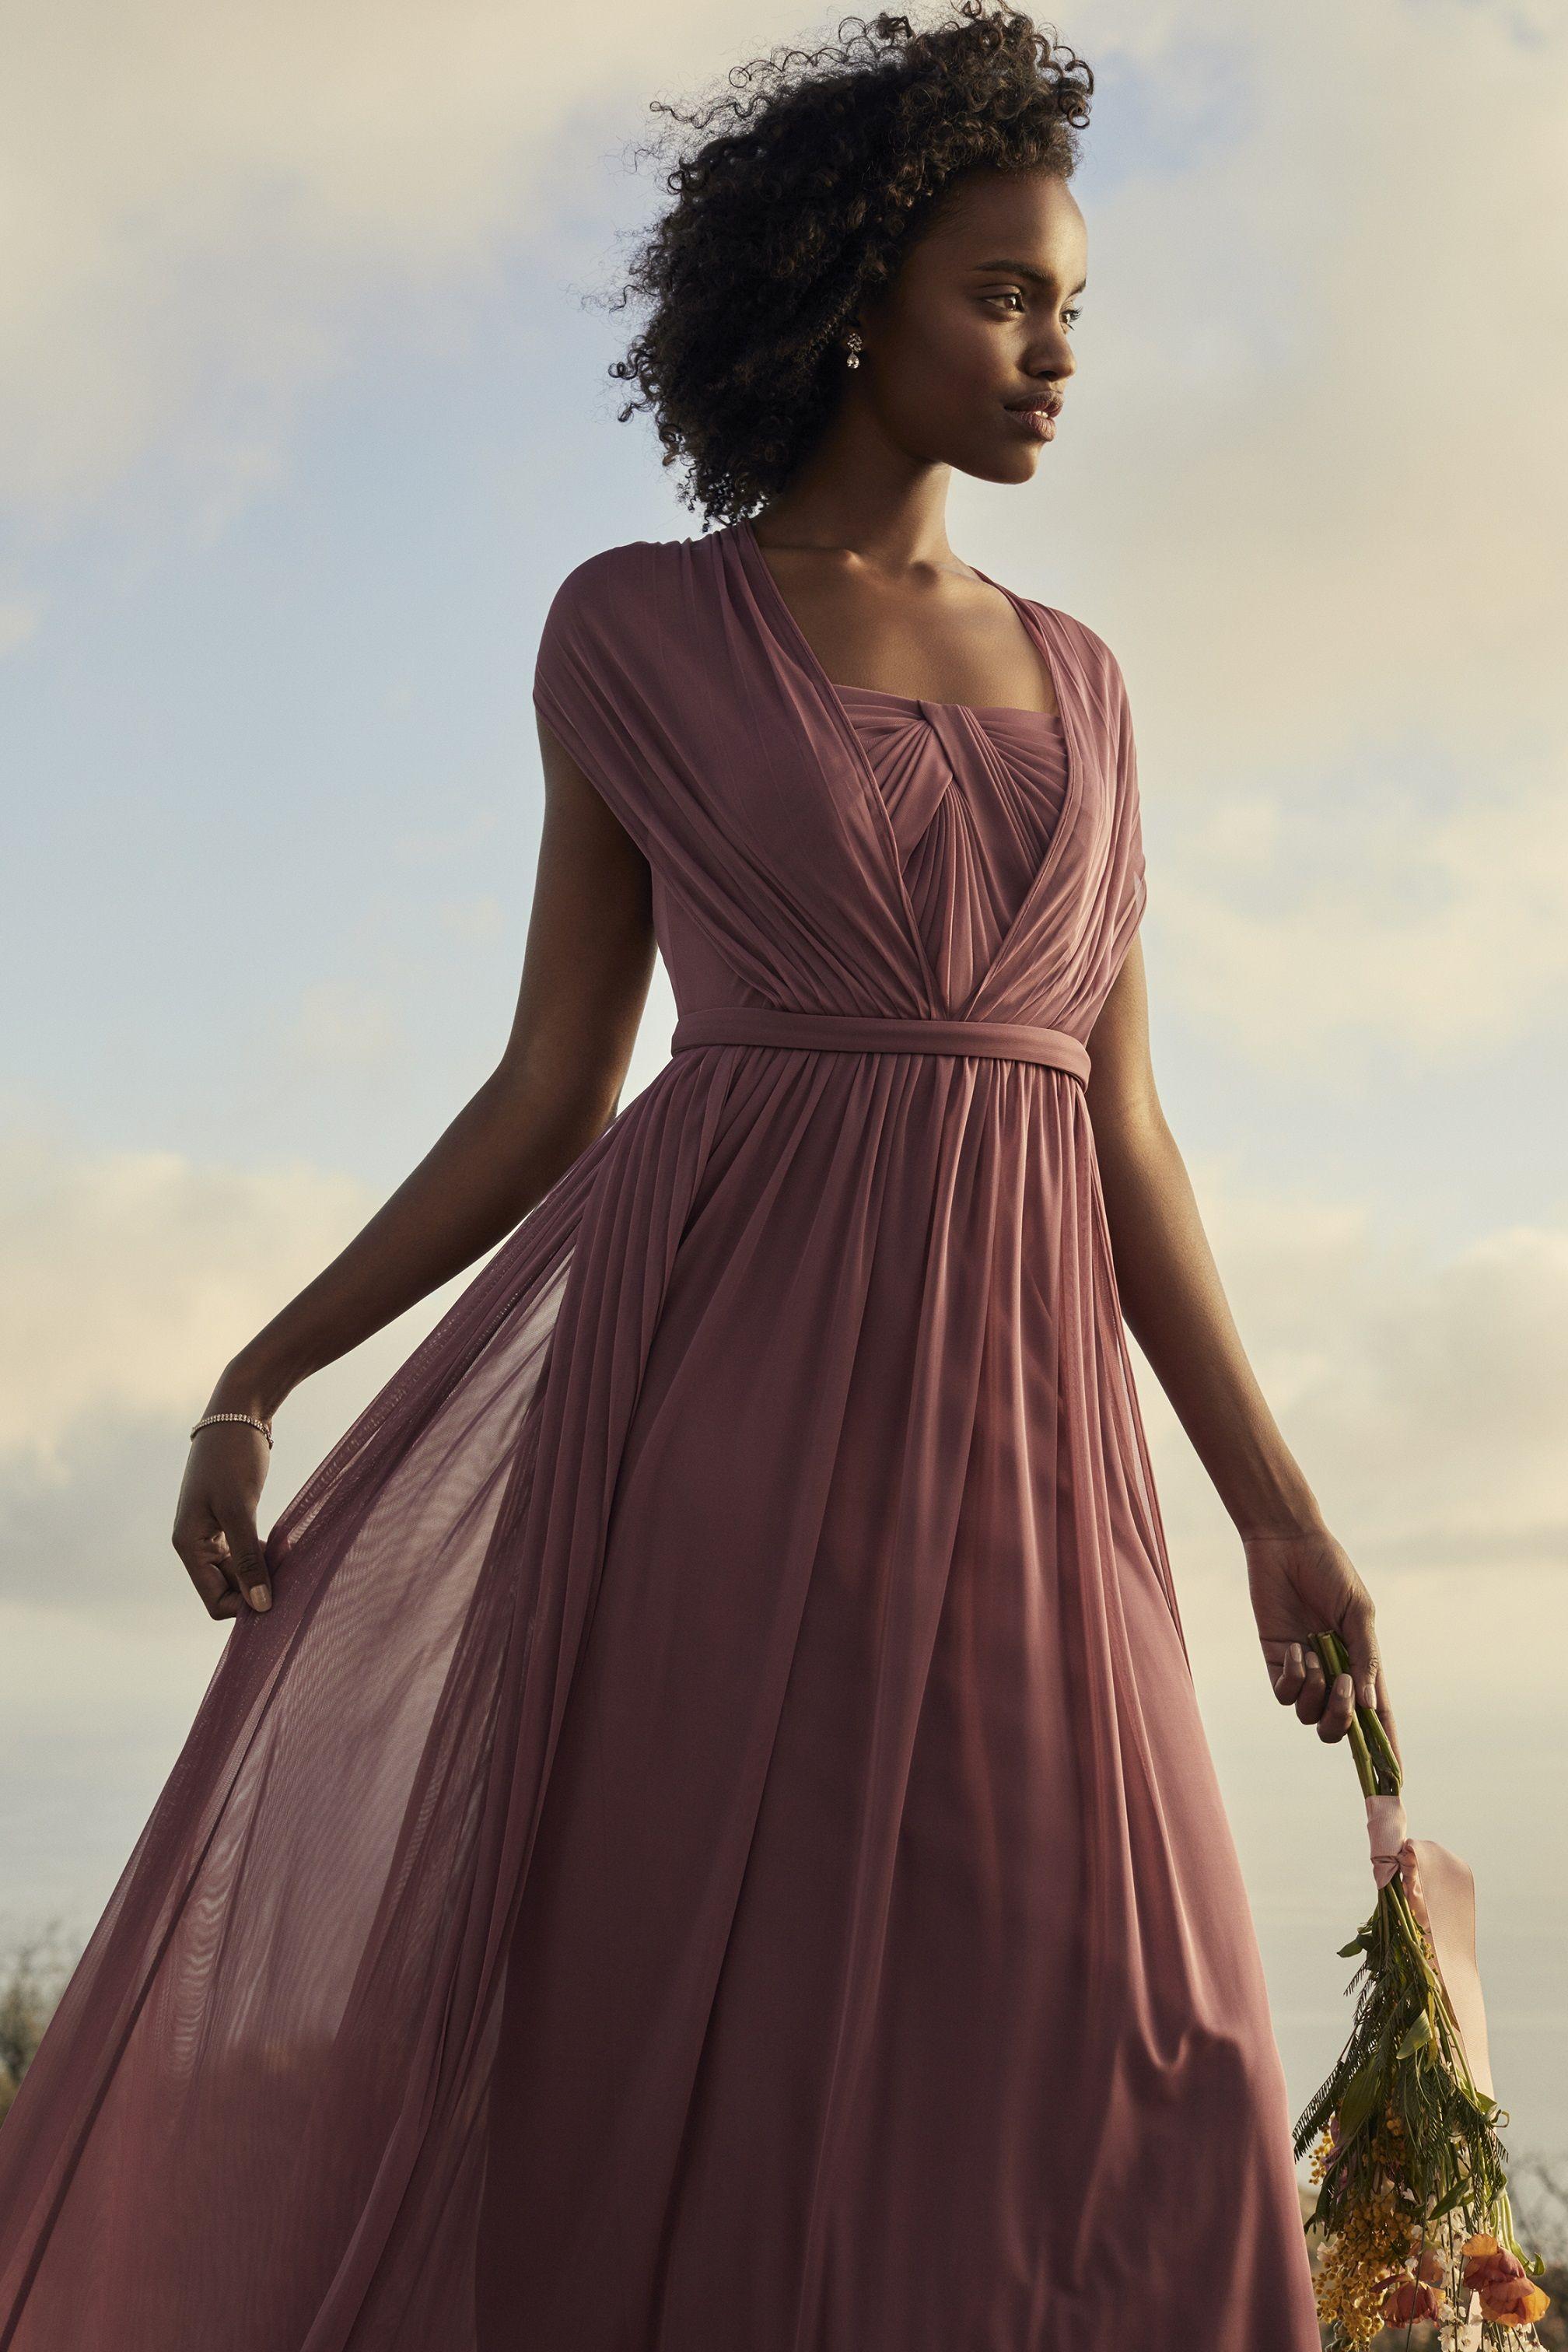 3bda5dbaf40 New Color Alert  Chianti - David s Bridal Blog